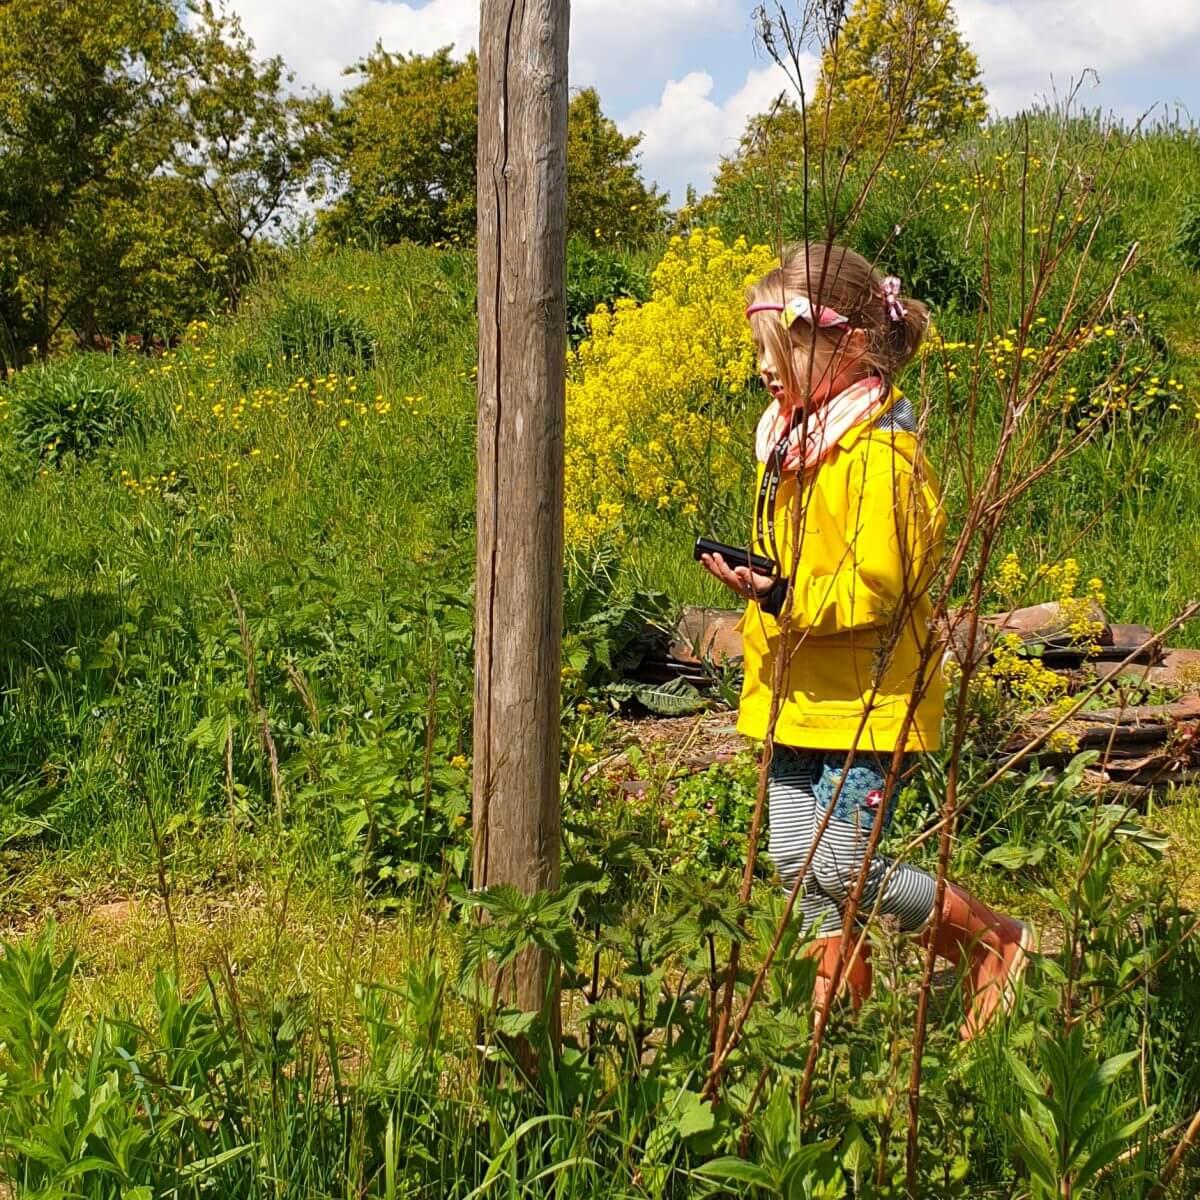 audiotoer fluistertour in de Tuinen van Appeltern